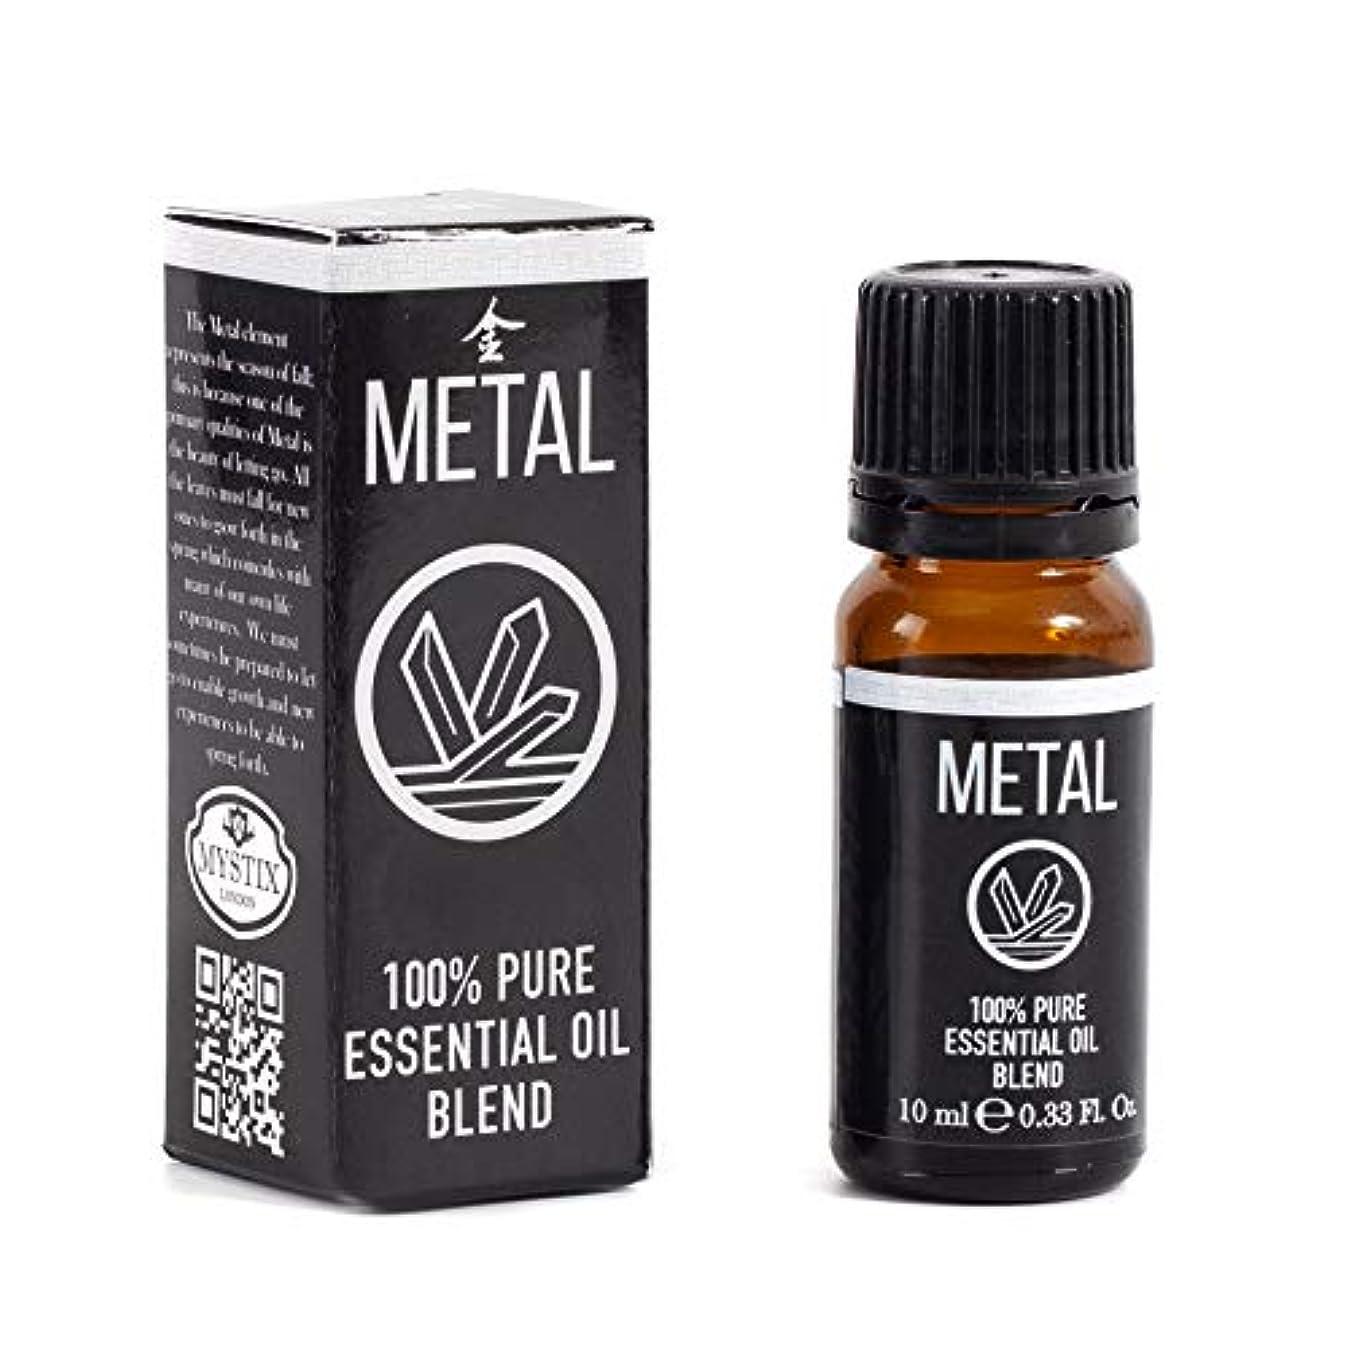 工業化するはねかける温度Mystix London   Chinese Metal Element Essential Oil Blend - 10ml